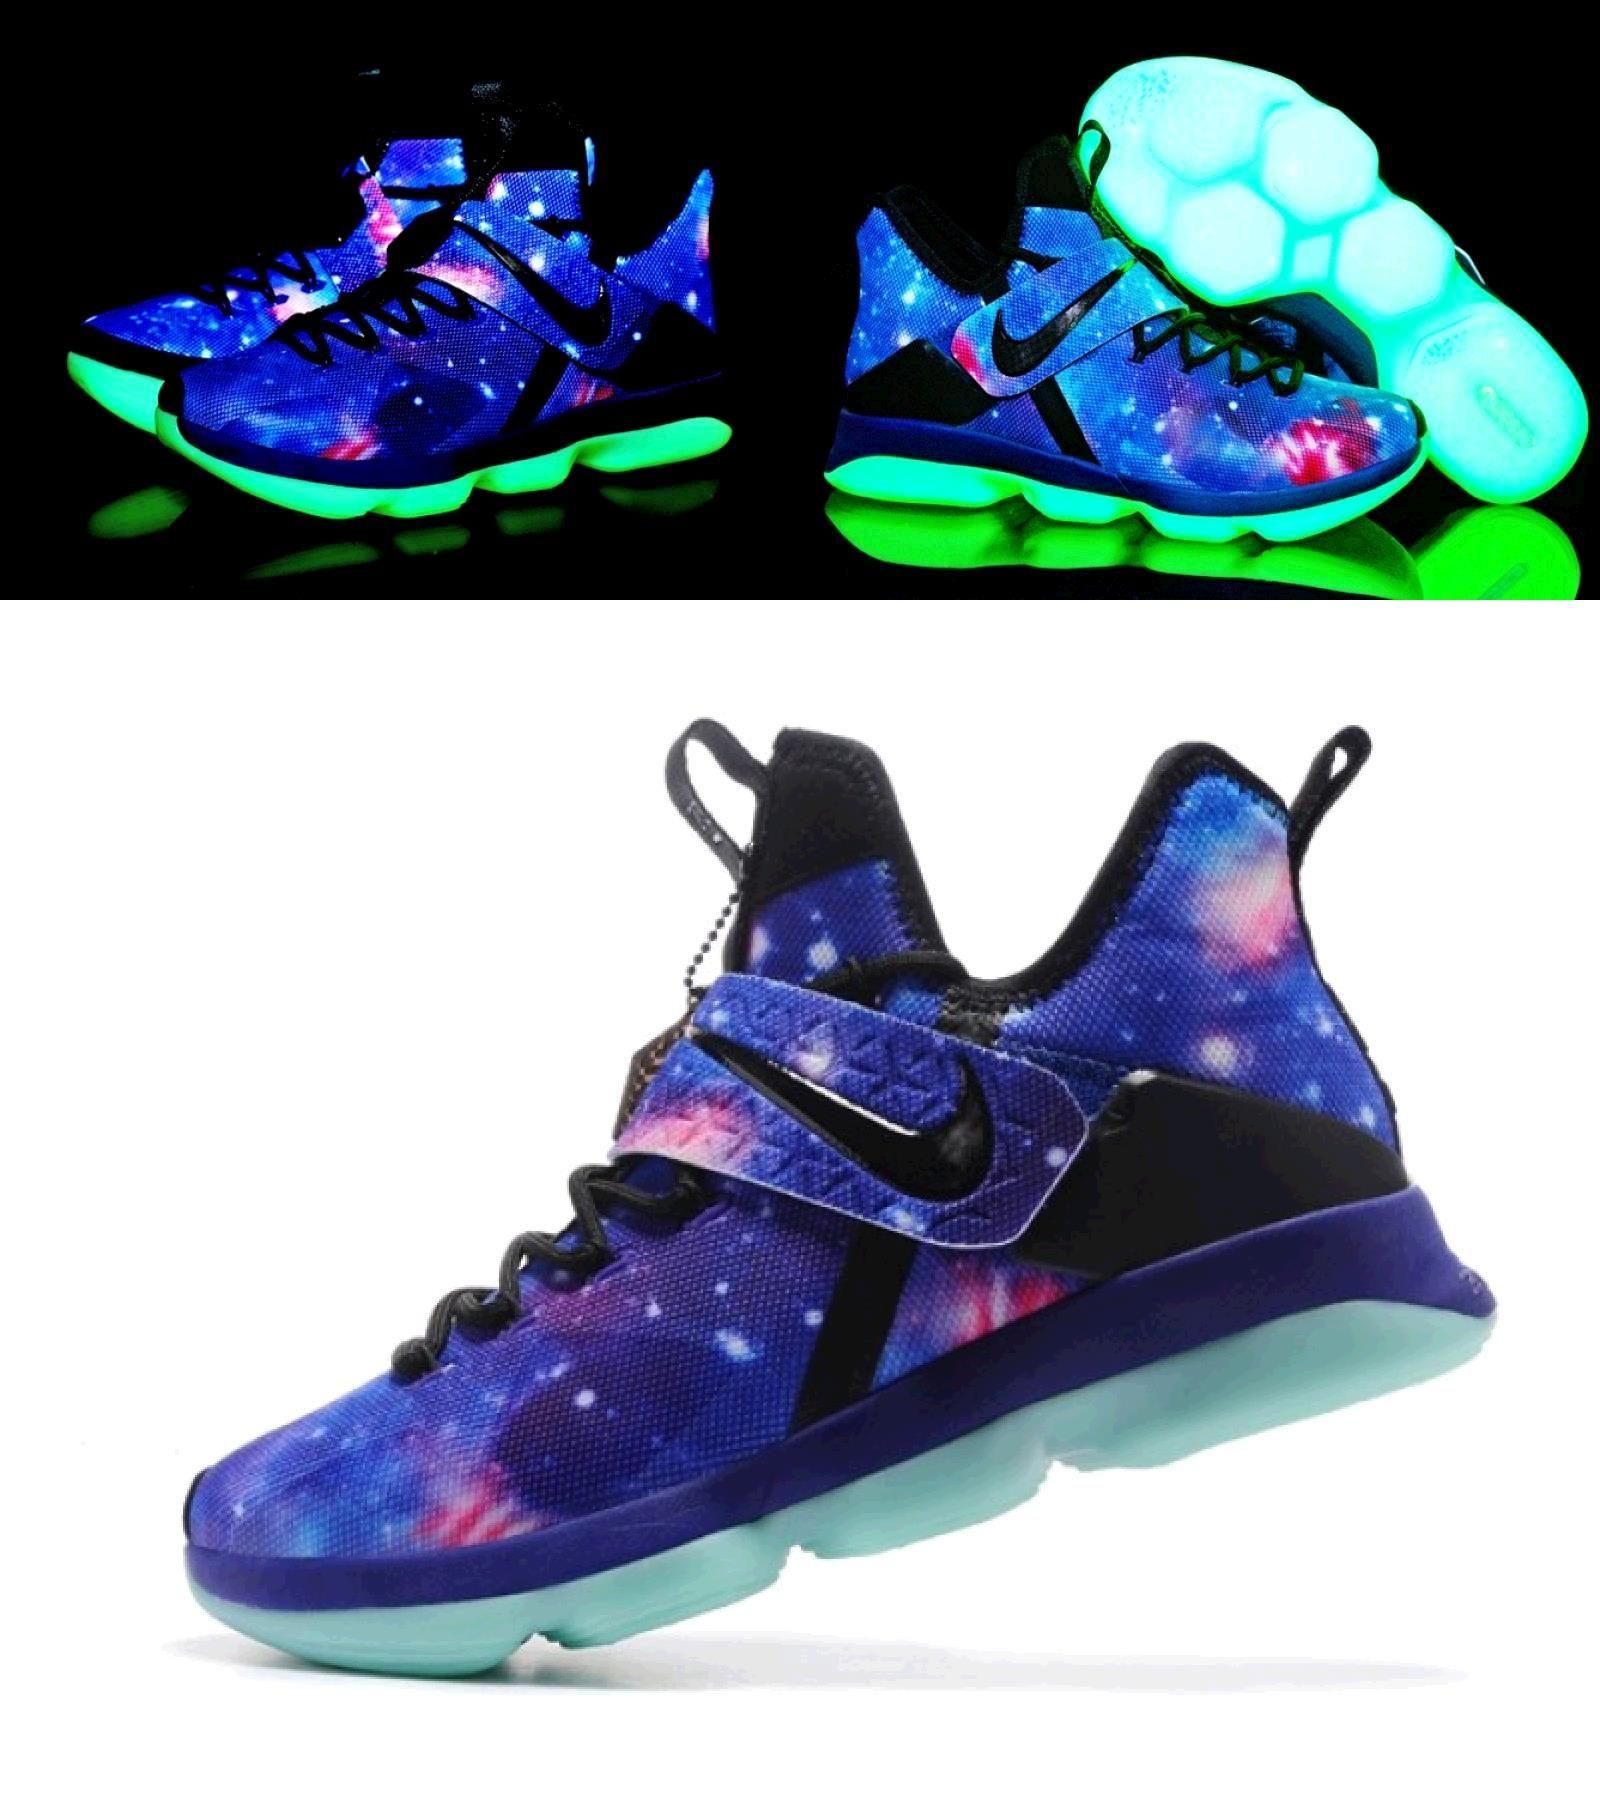 Nike, Nike shoes jordans, Basketball shoes